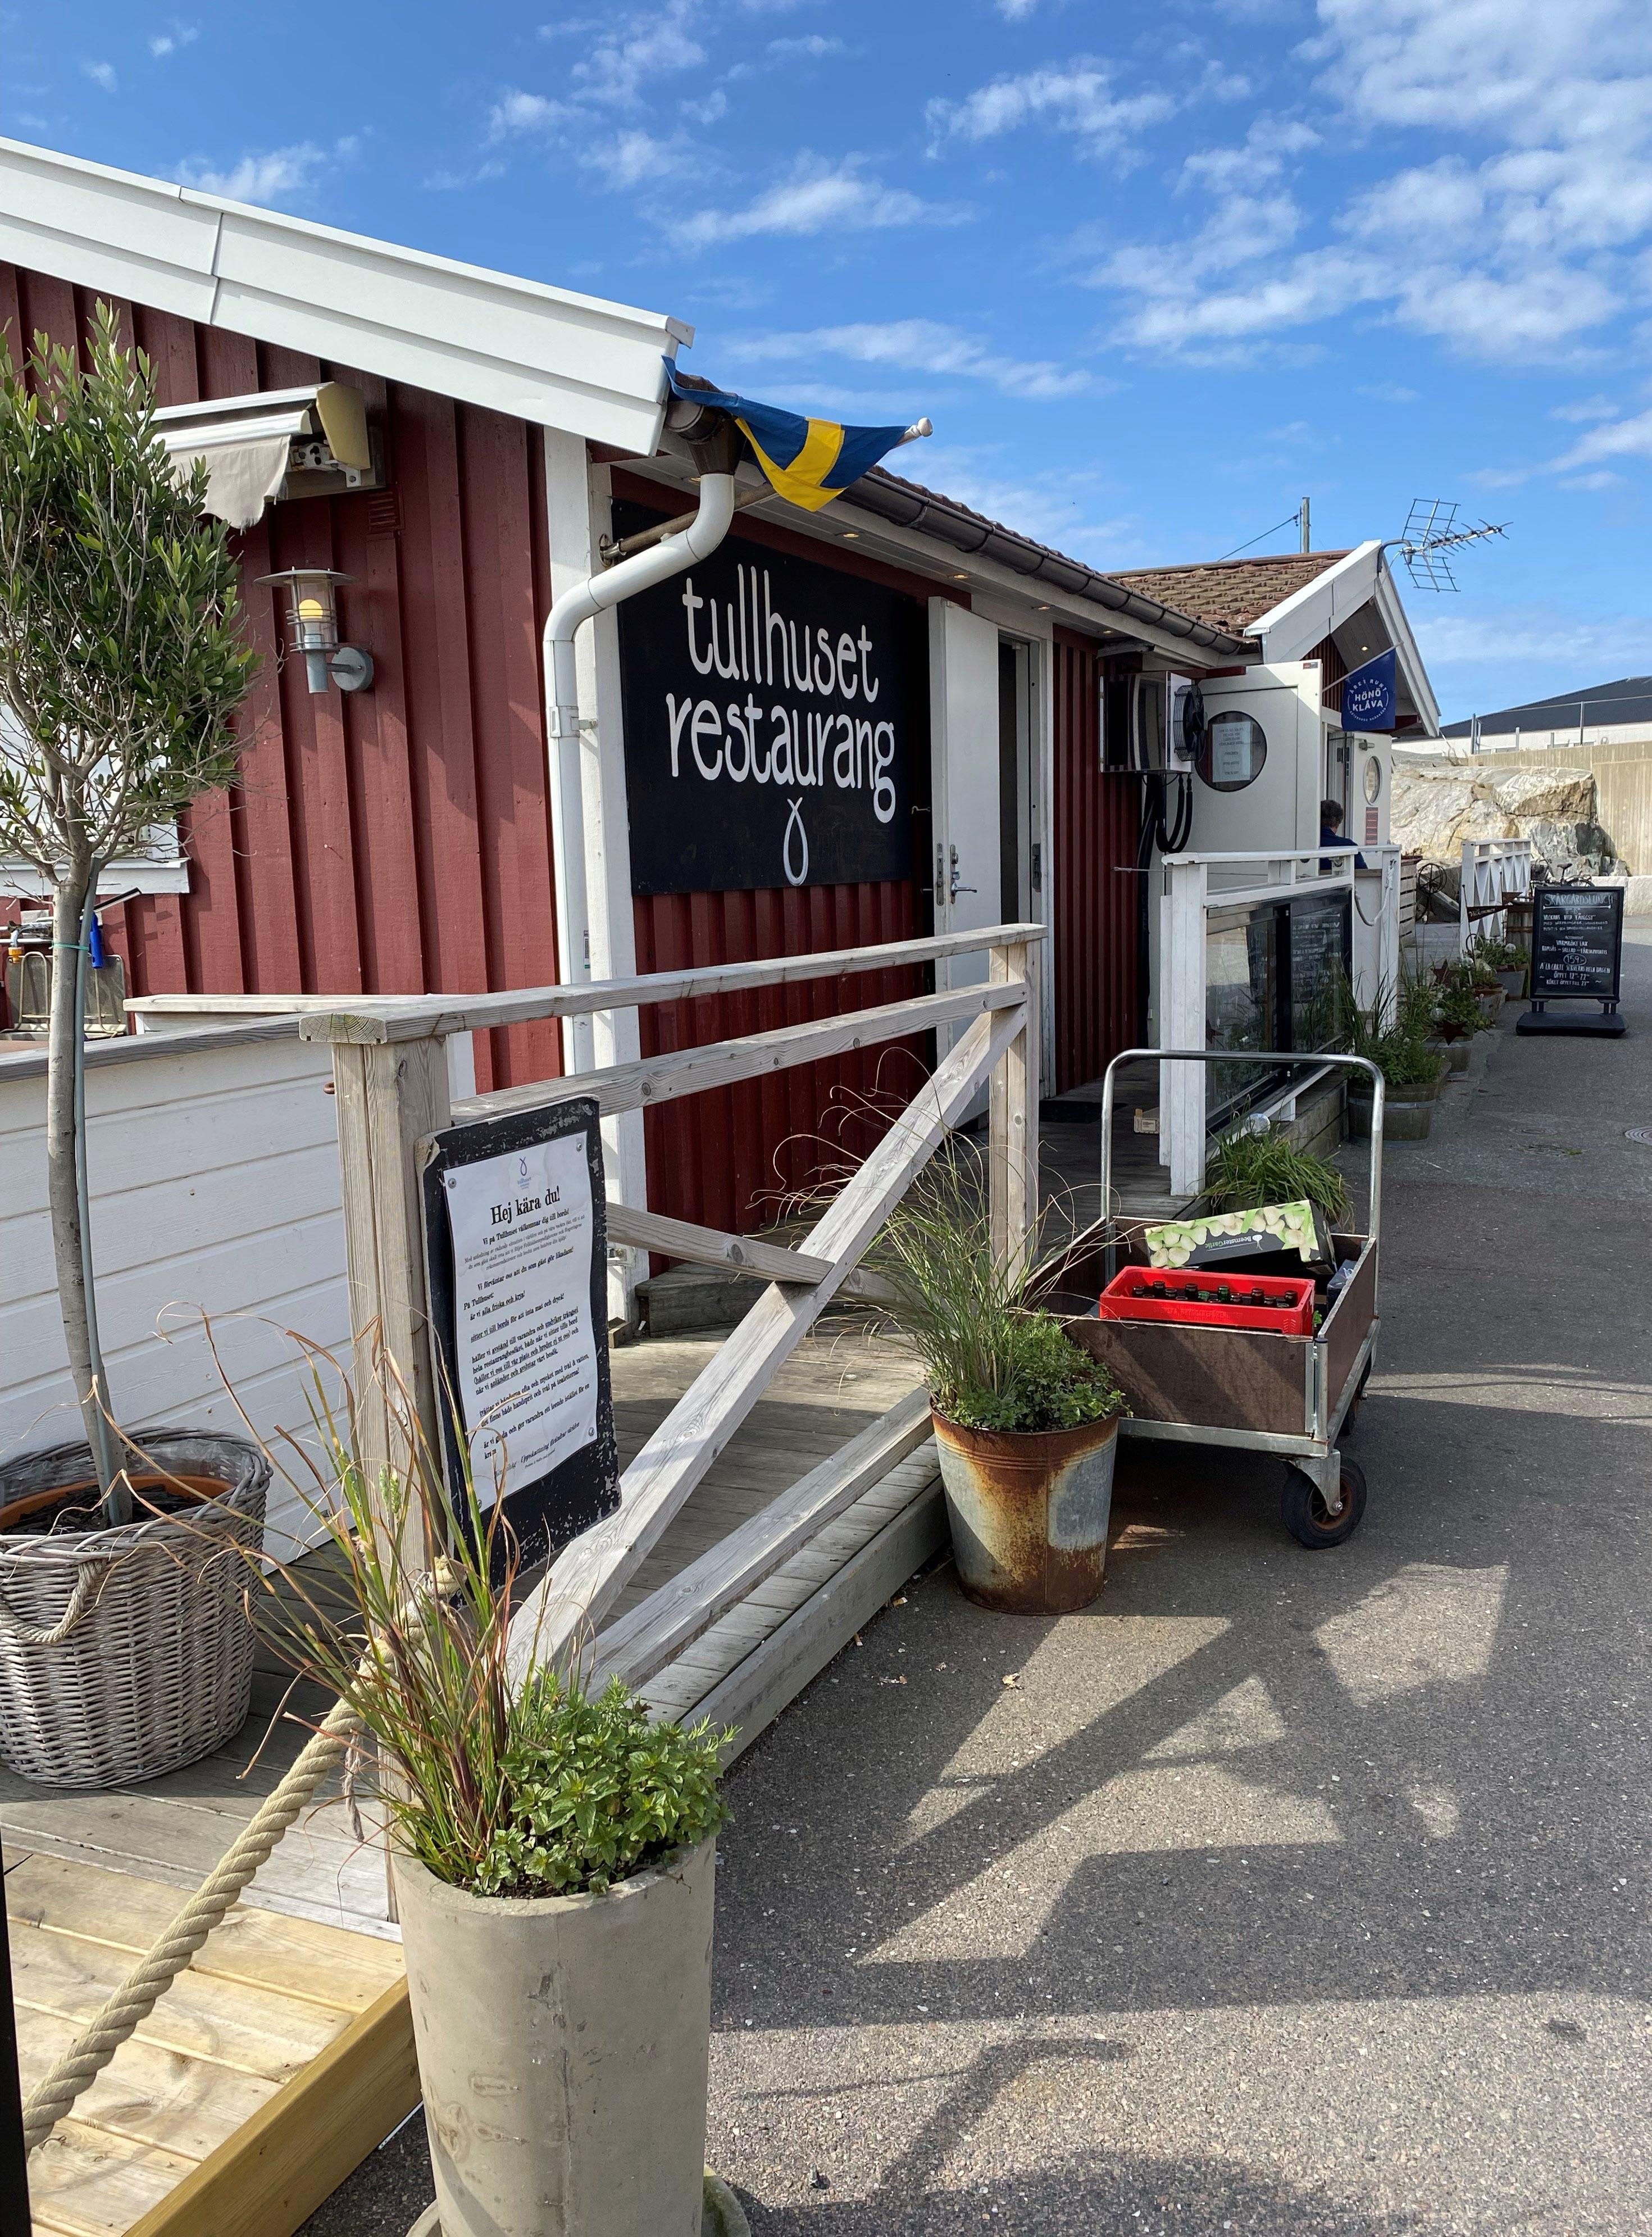 Restaurang Tullhuset, Hönö